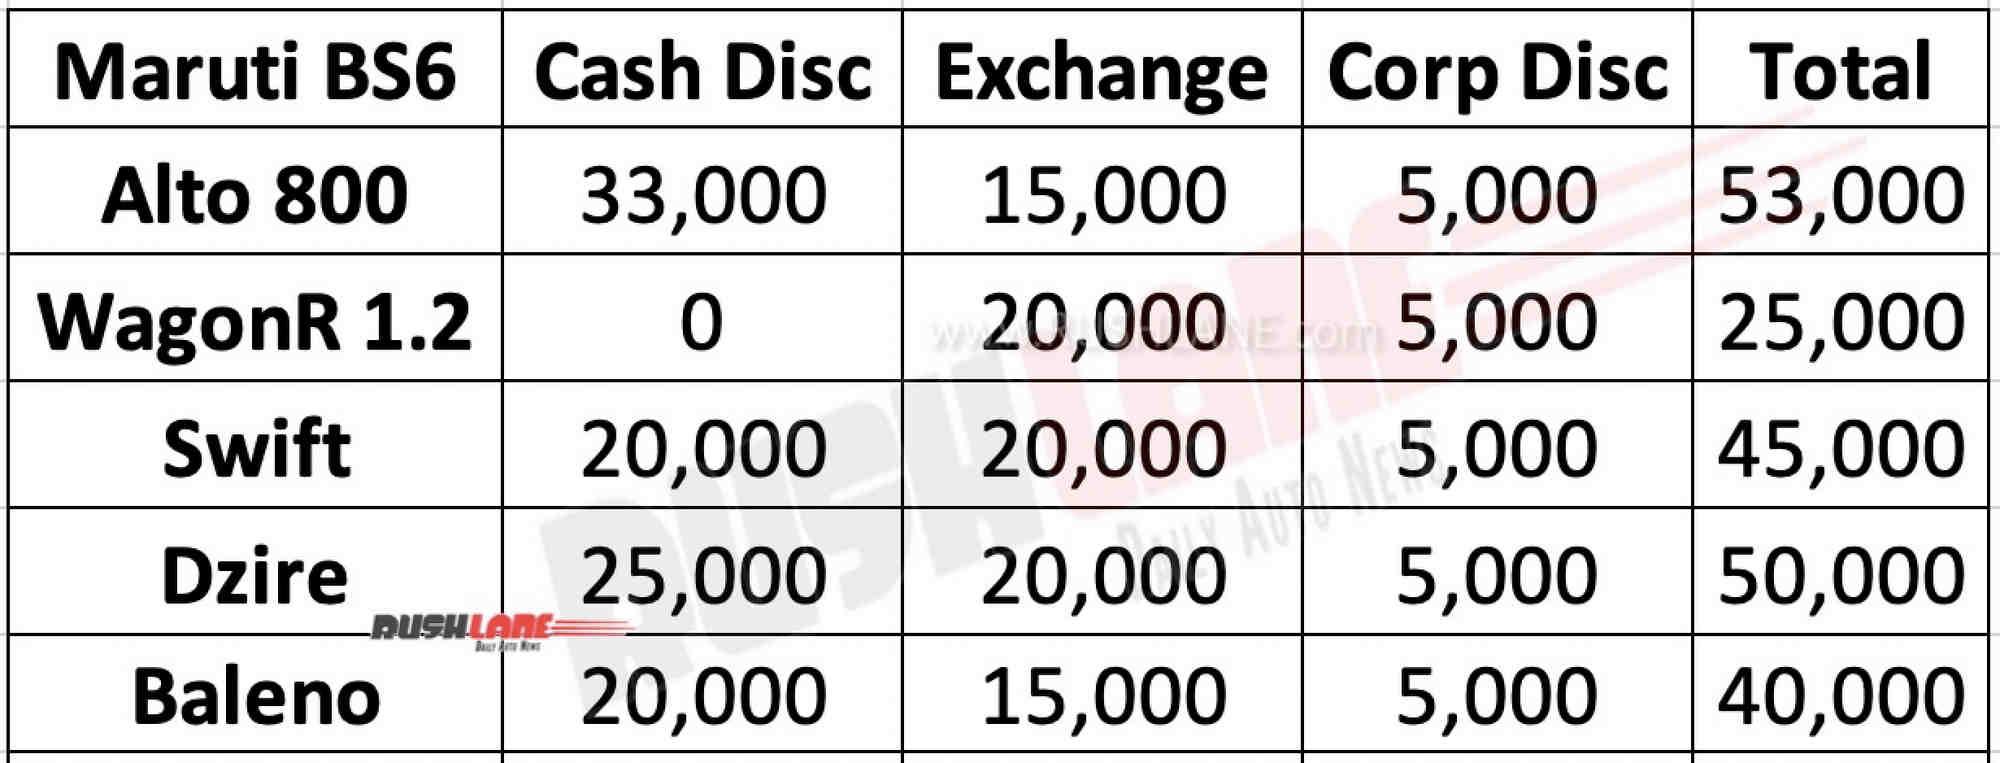 Maruti BS6 cars discounts.